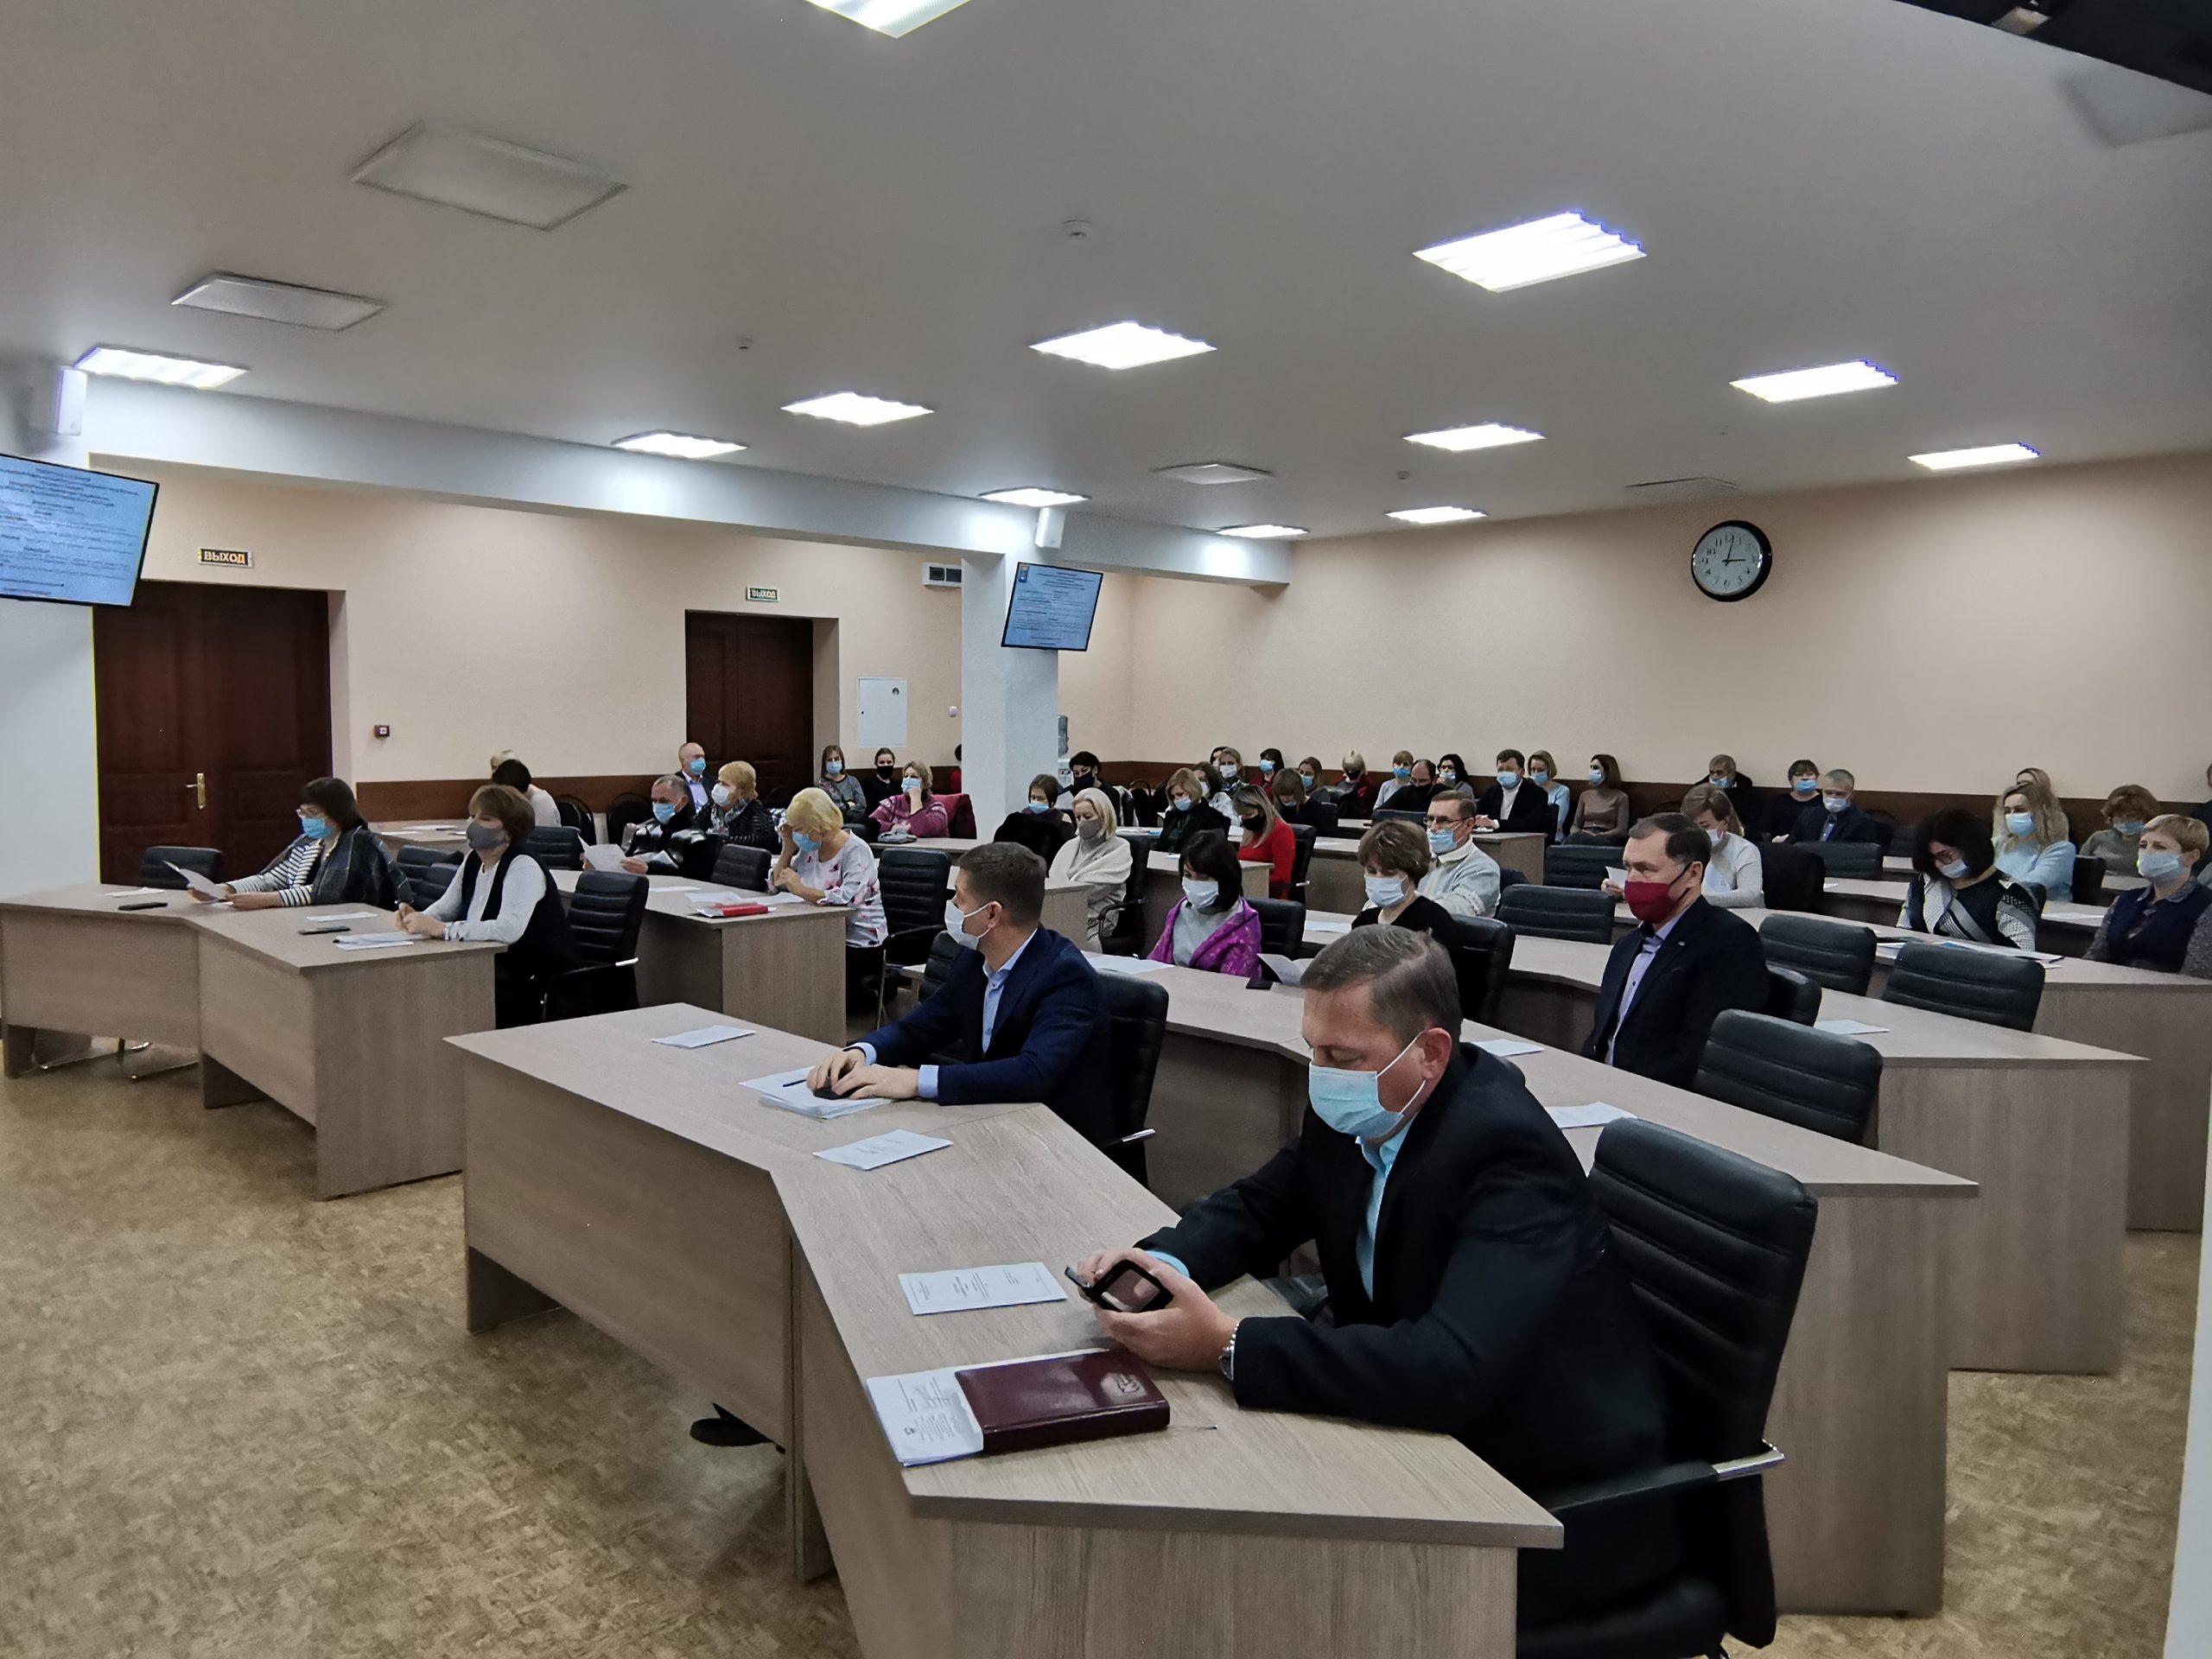 Состоялись публичные слушания по вопросу «О проекте бюджета муниципального образования город Балаково на 2021 год и на плановый период 2022 и 2023 годов»